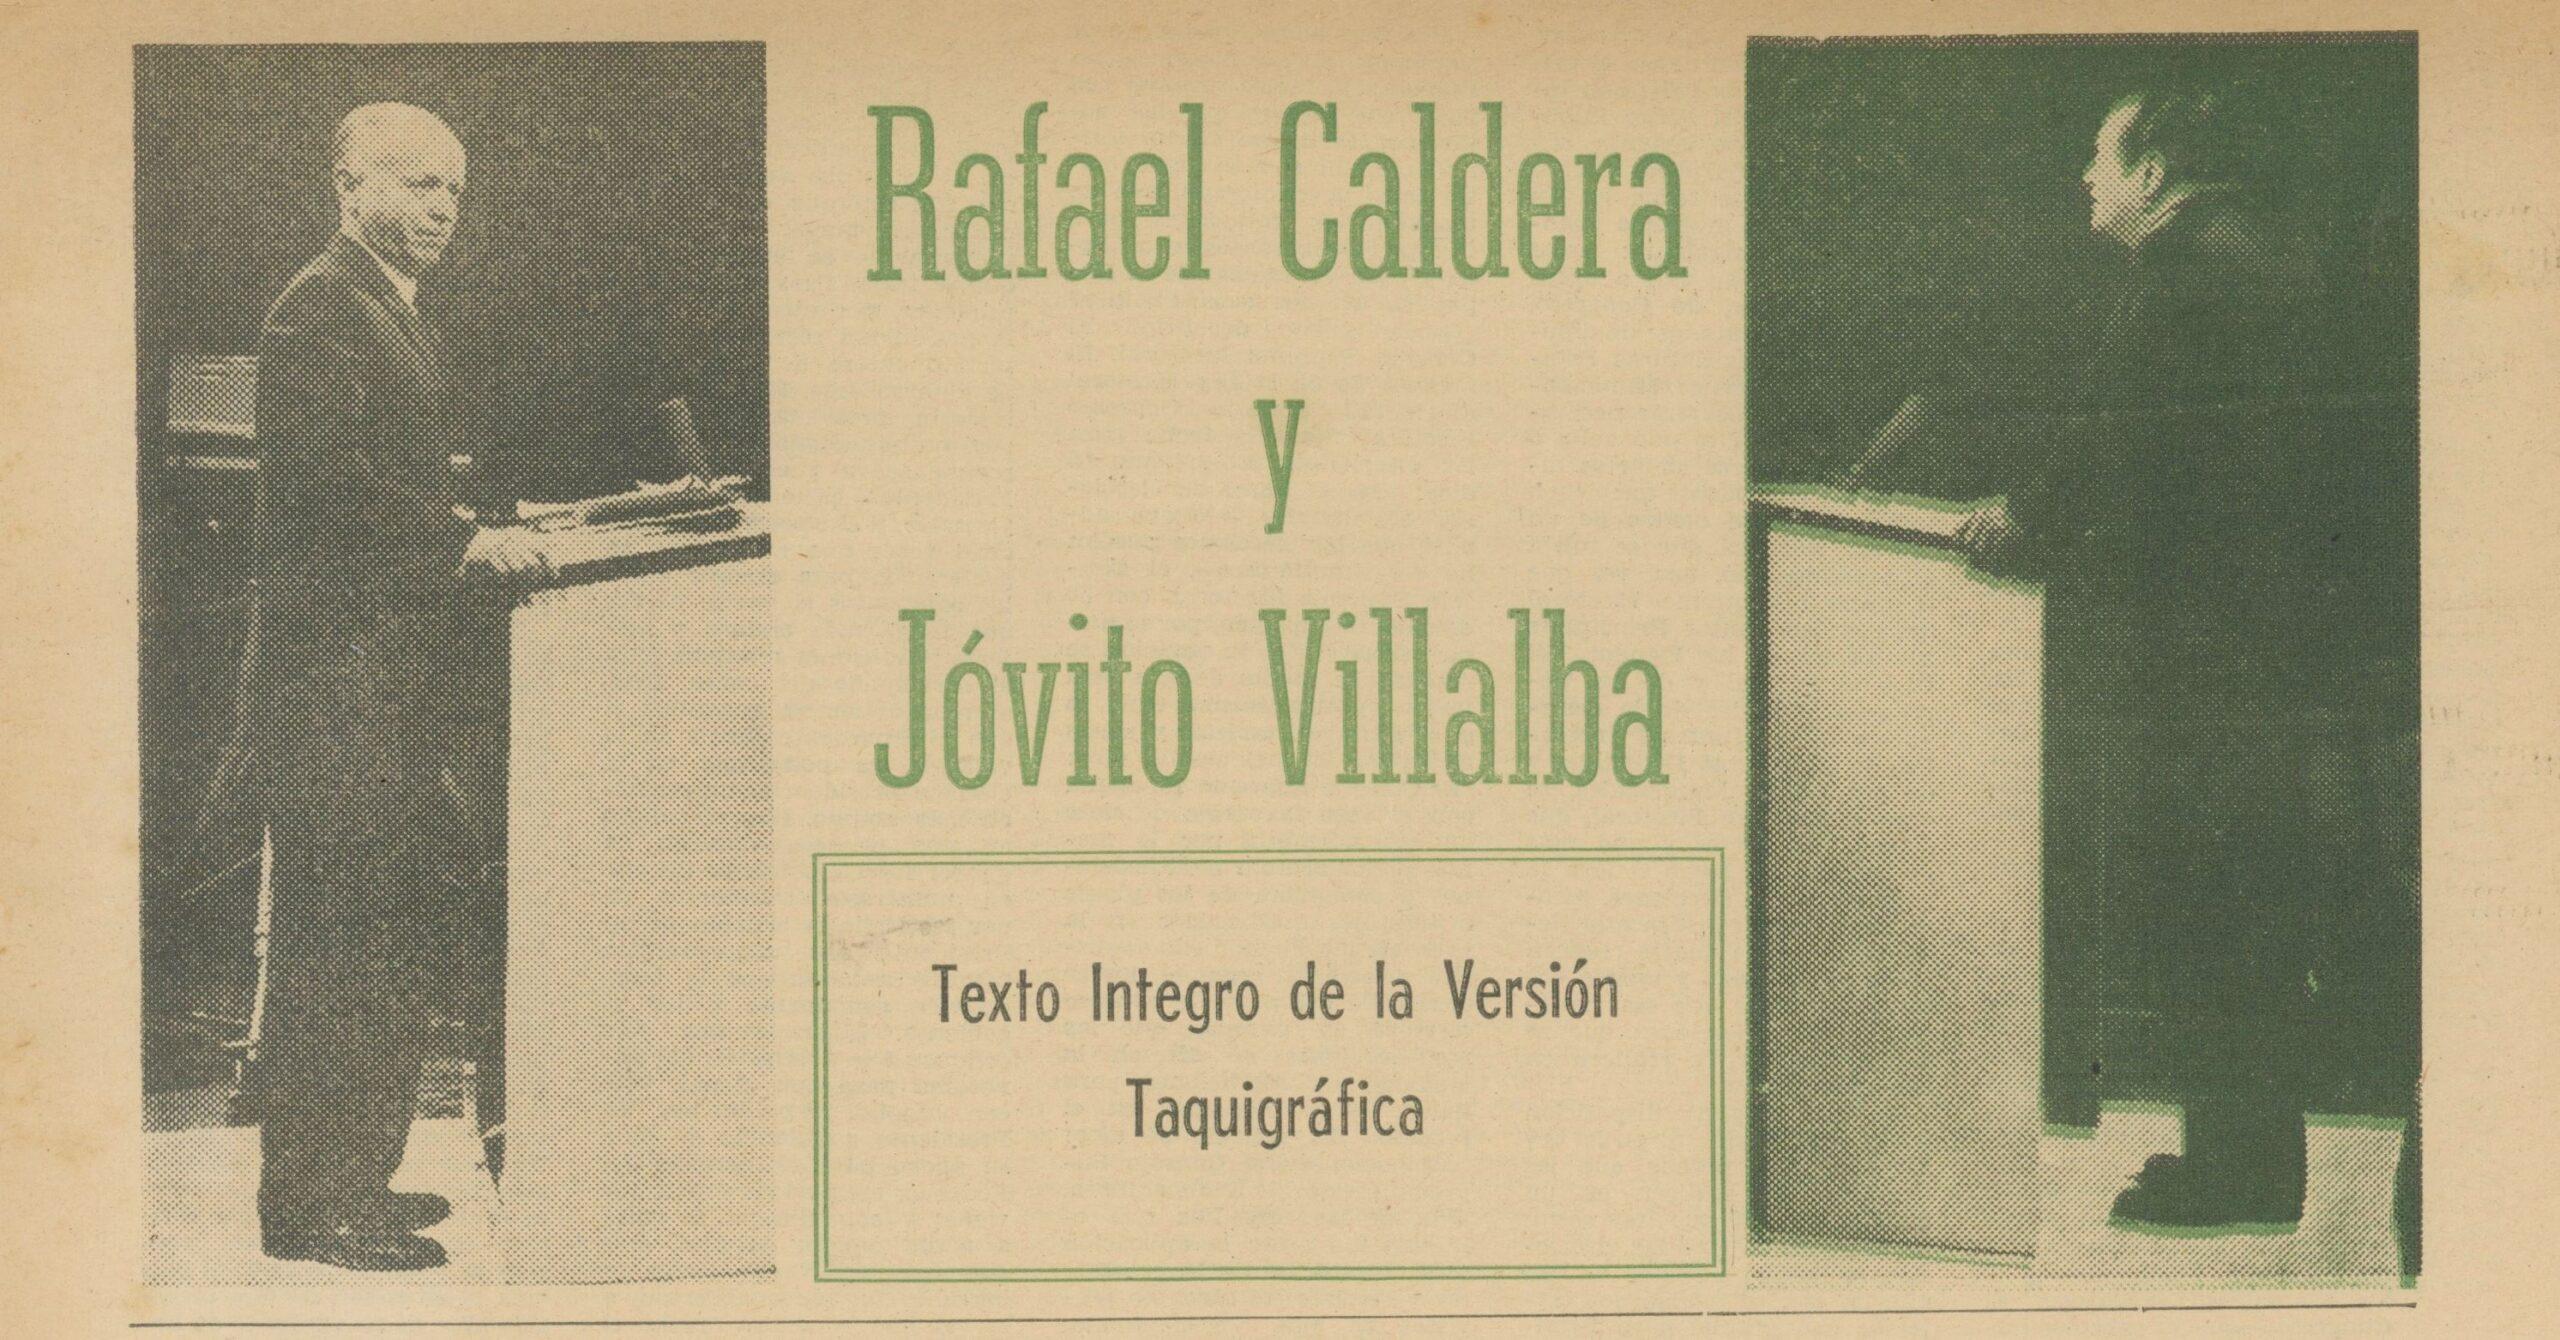 Histórico debate televisado entre Rafael Caldera y Jóvito Villalba (1963)